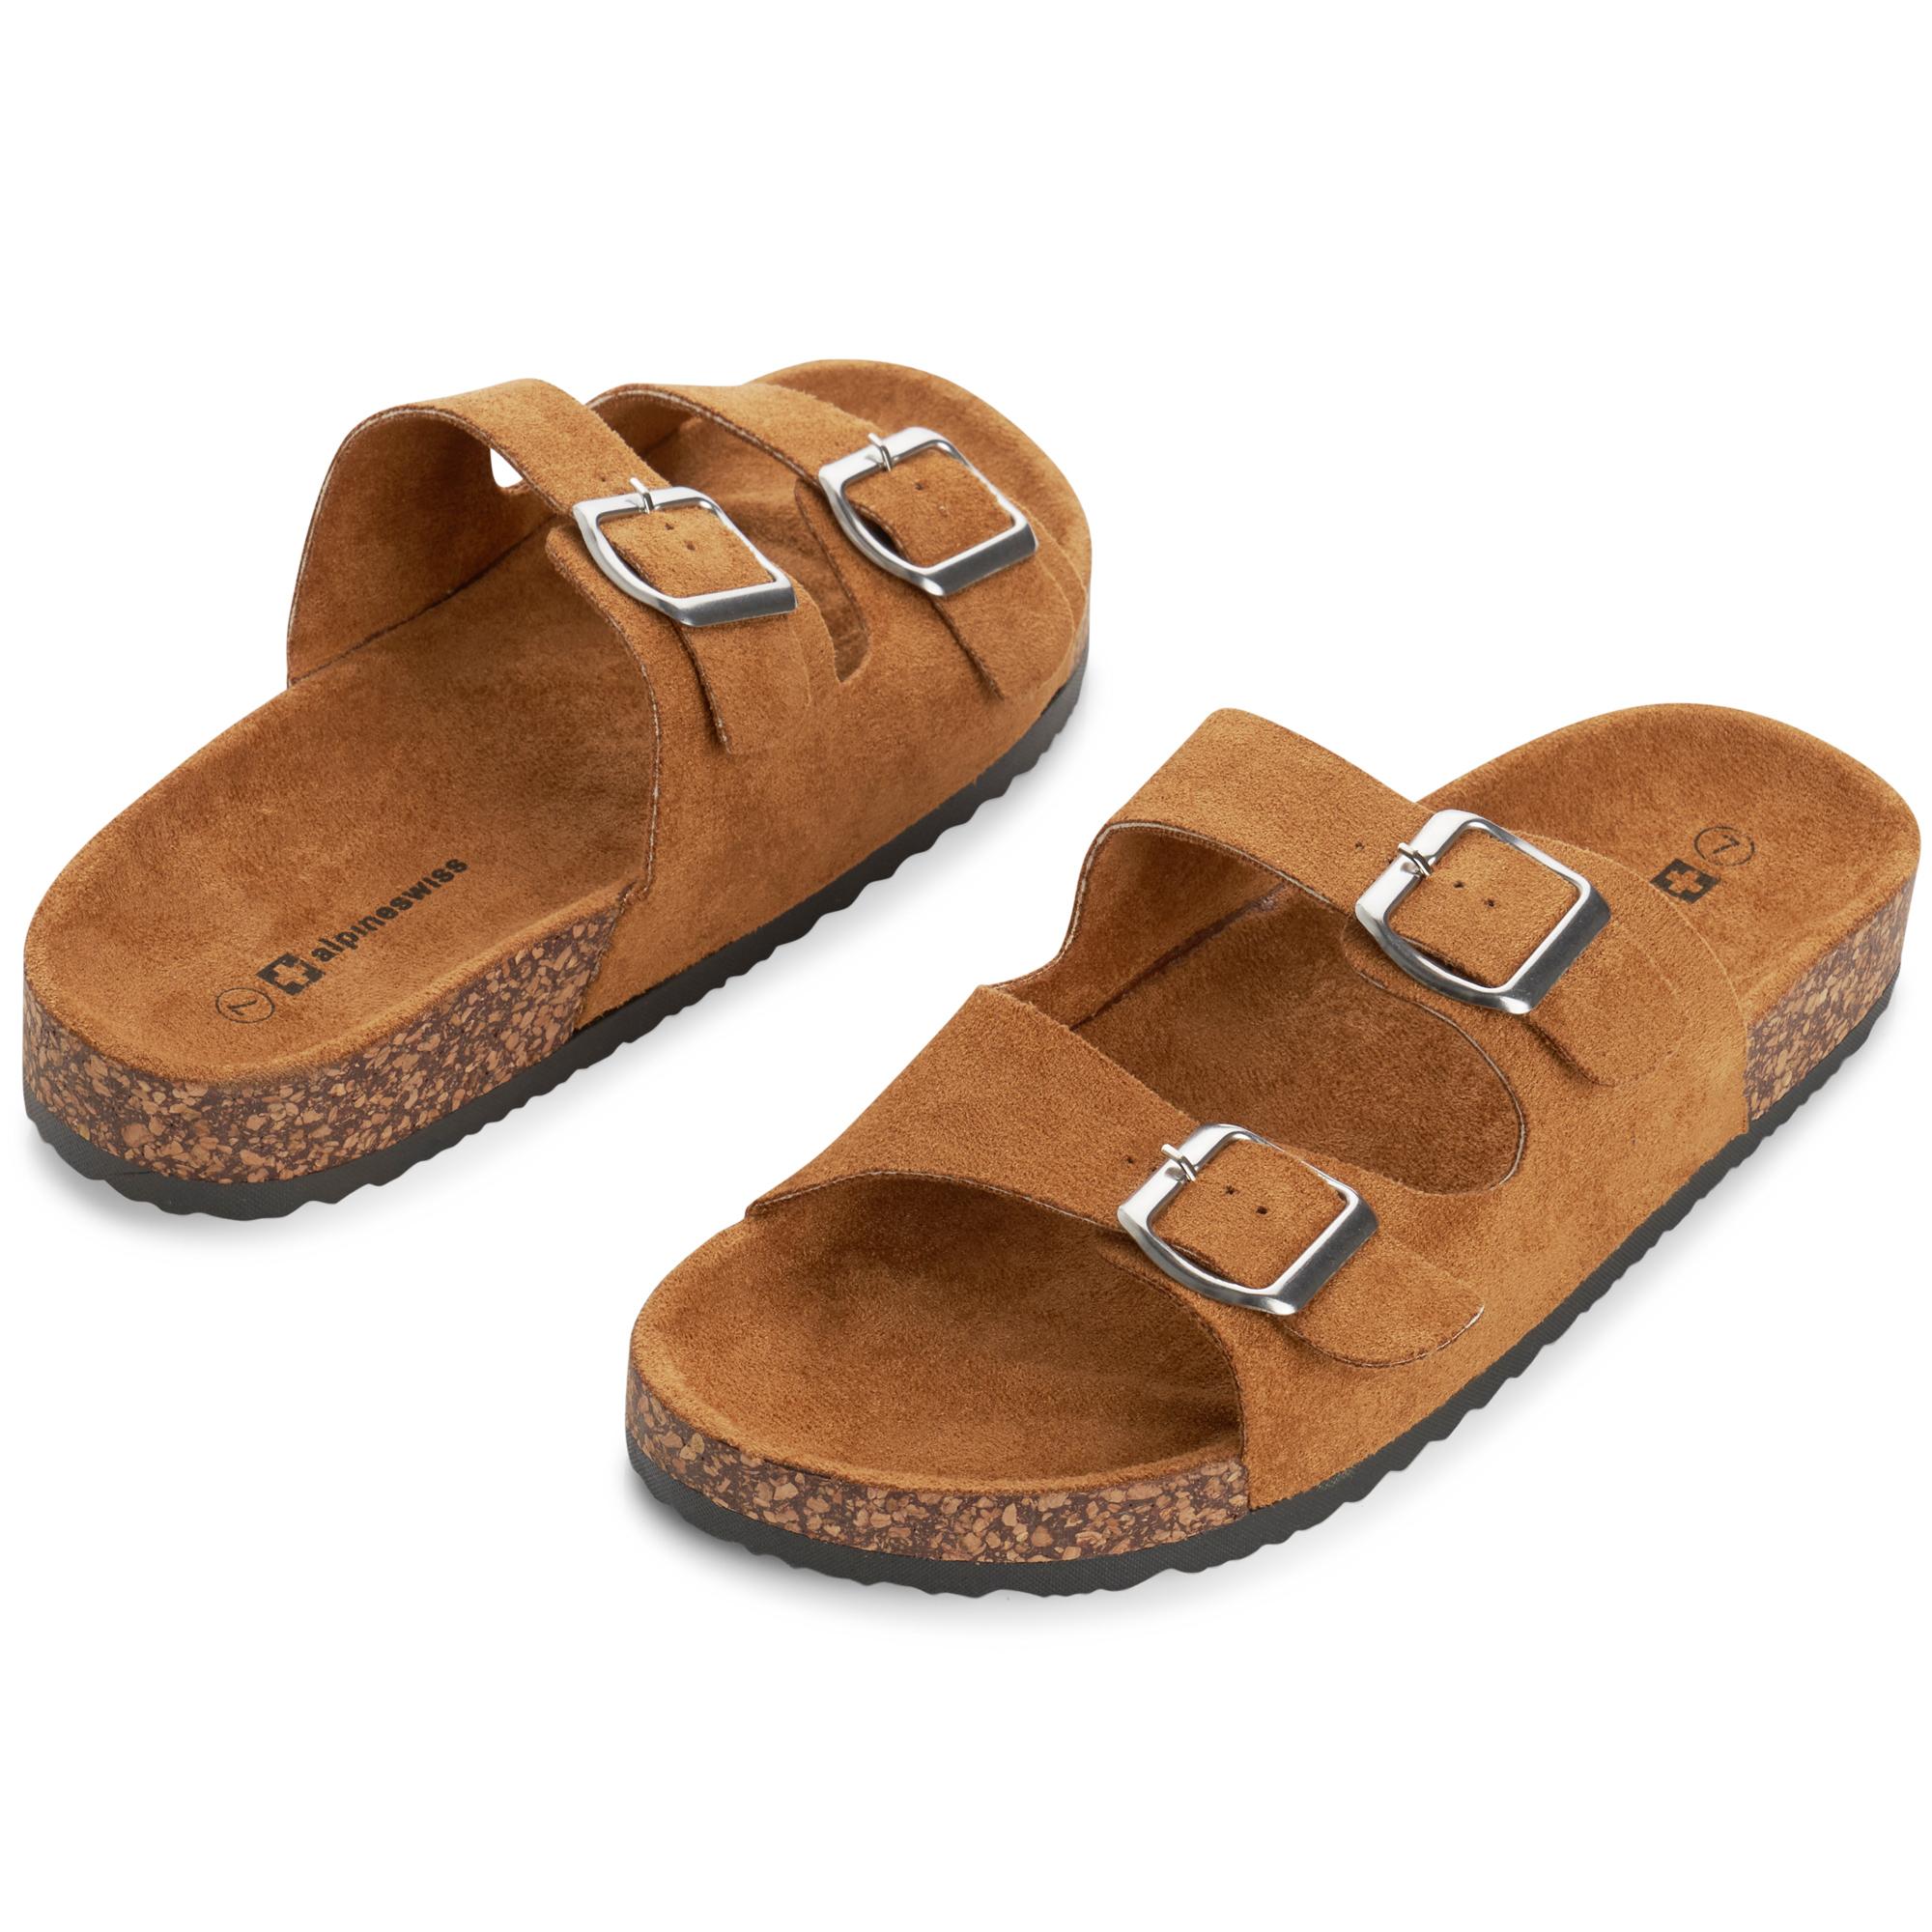 Alpine-Swiss-Womens-Double-Strap-Slide-Sandals-EVA-Sole-Flat-Comfort-Shoes thumbnail 21